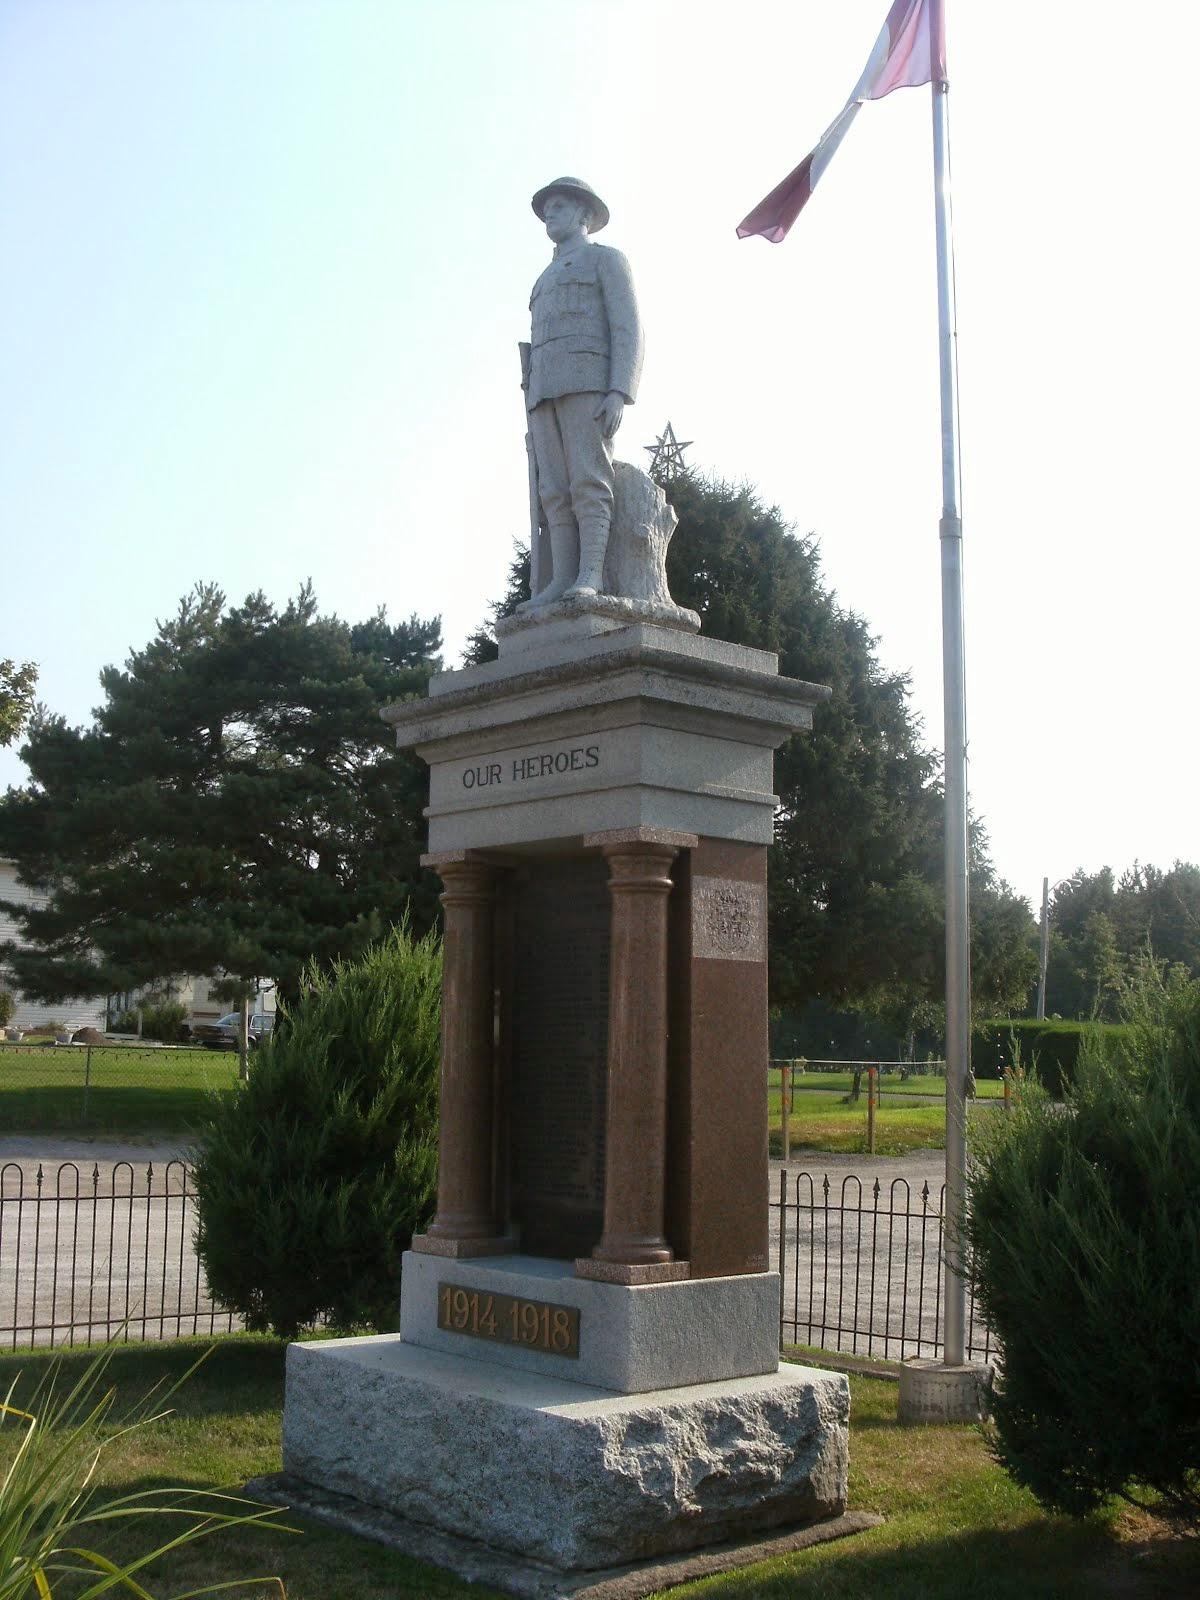 Dummer Township Cenotaph